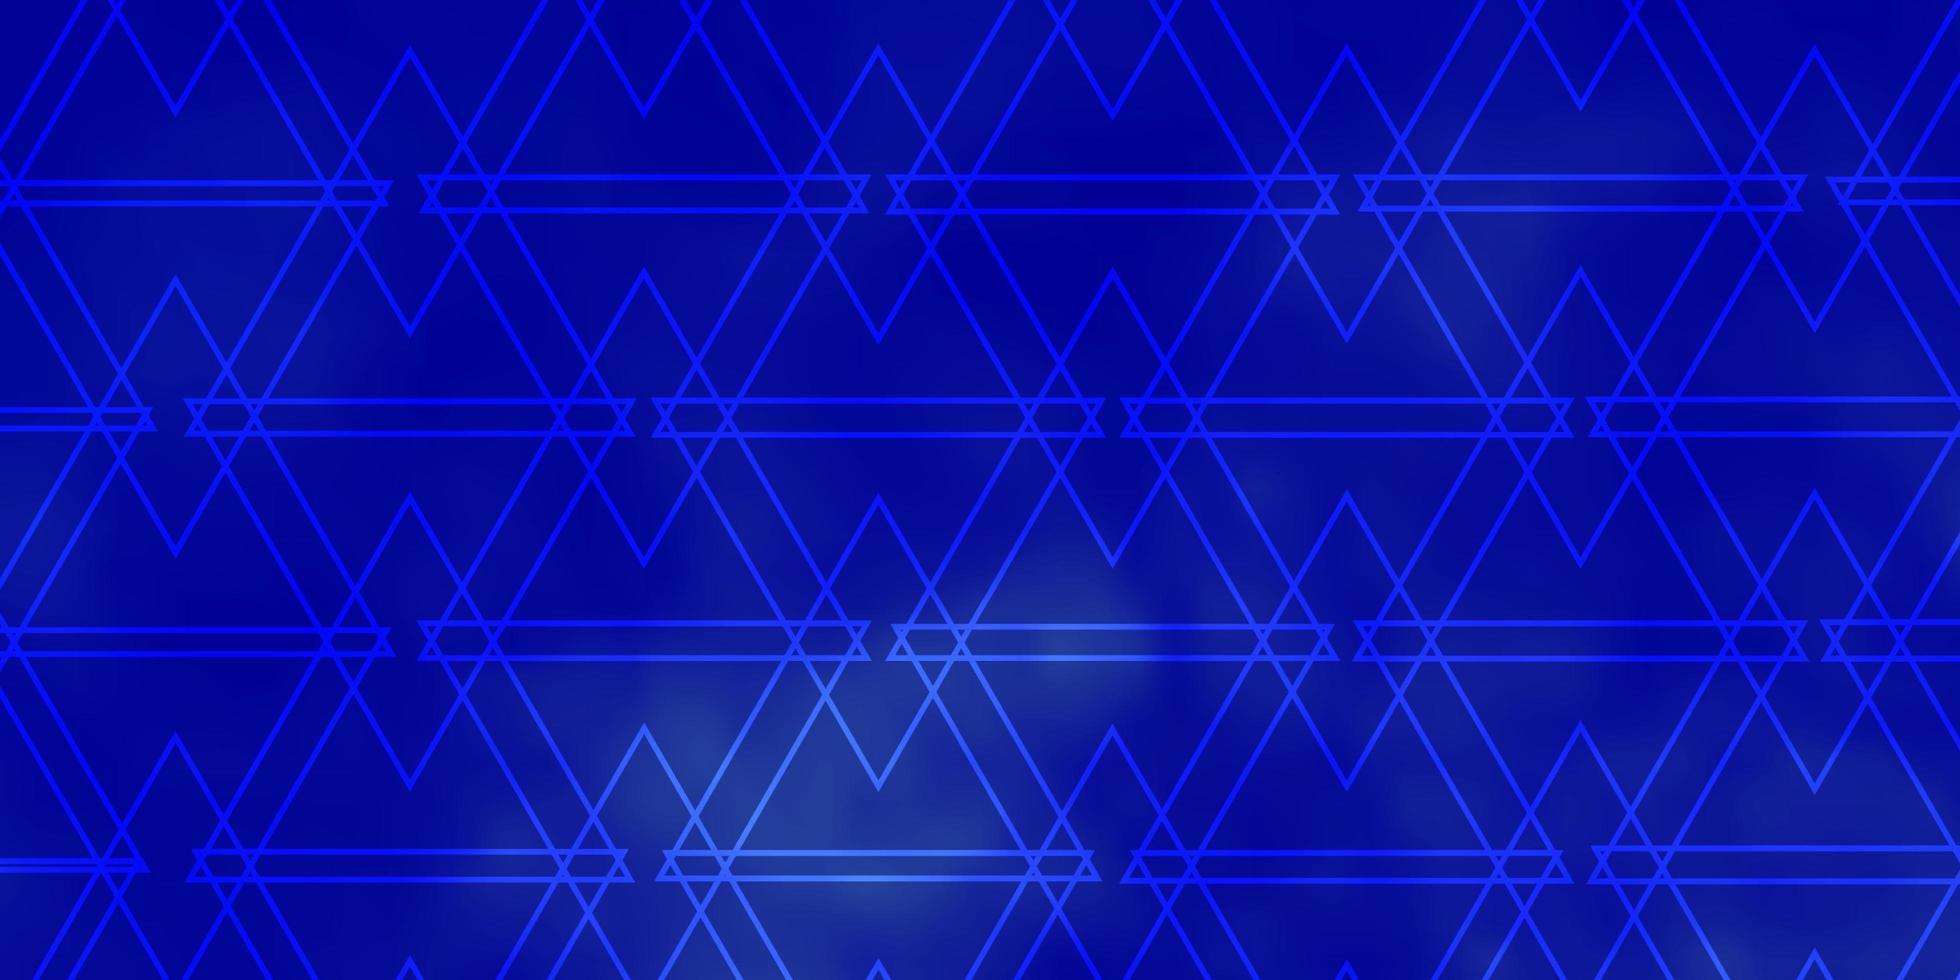 blauwe textuur met lijnen, driehoeken. vector